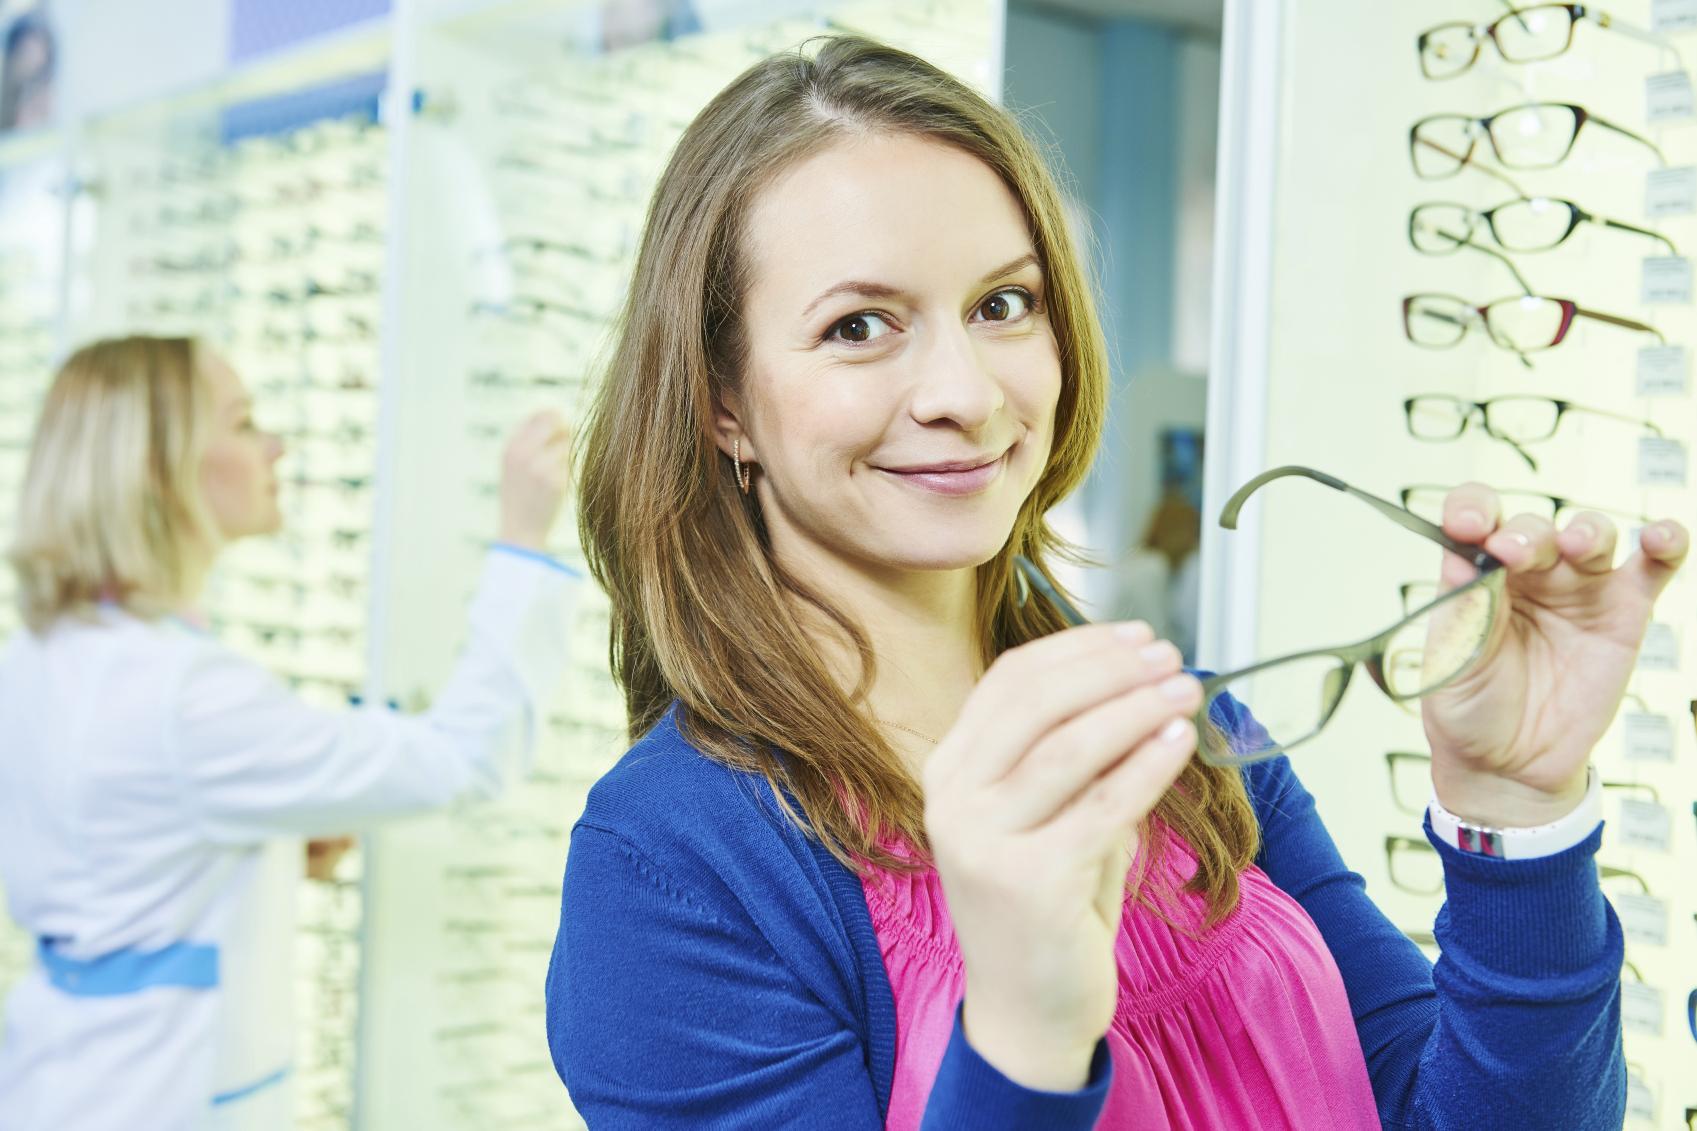 Mujer probándose unas gafas en una óptica